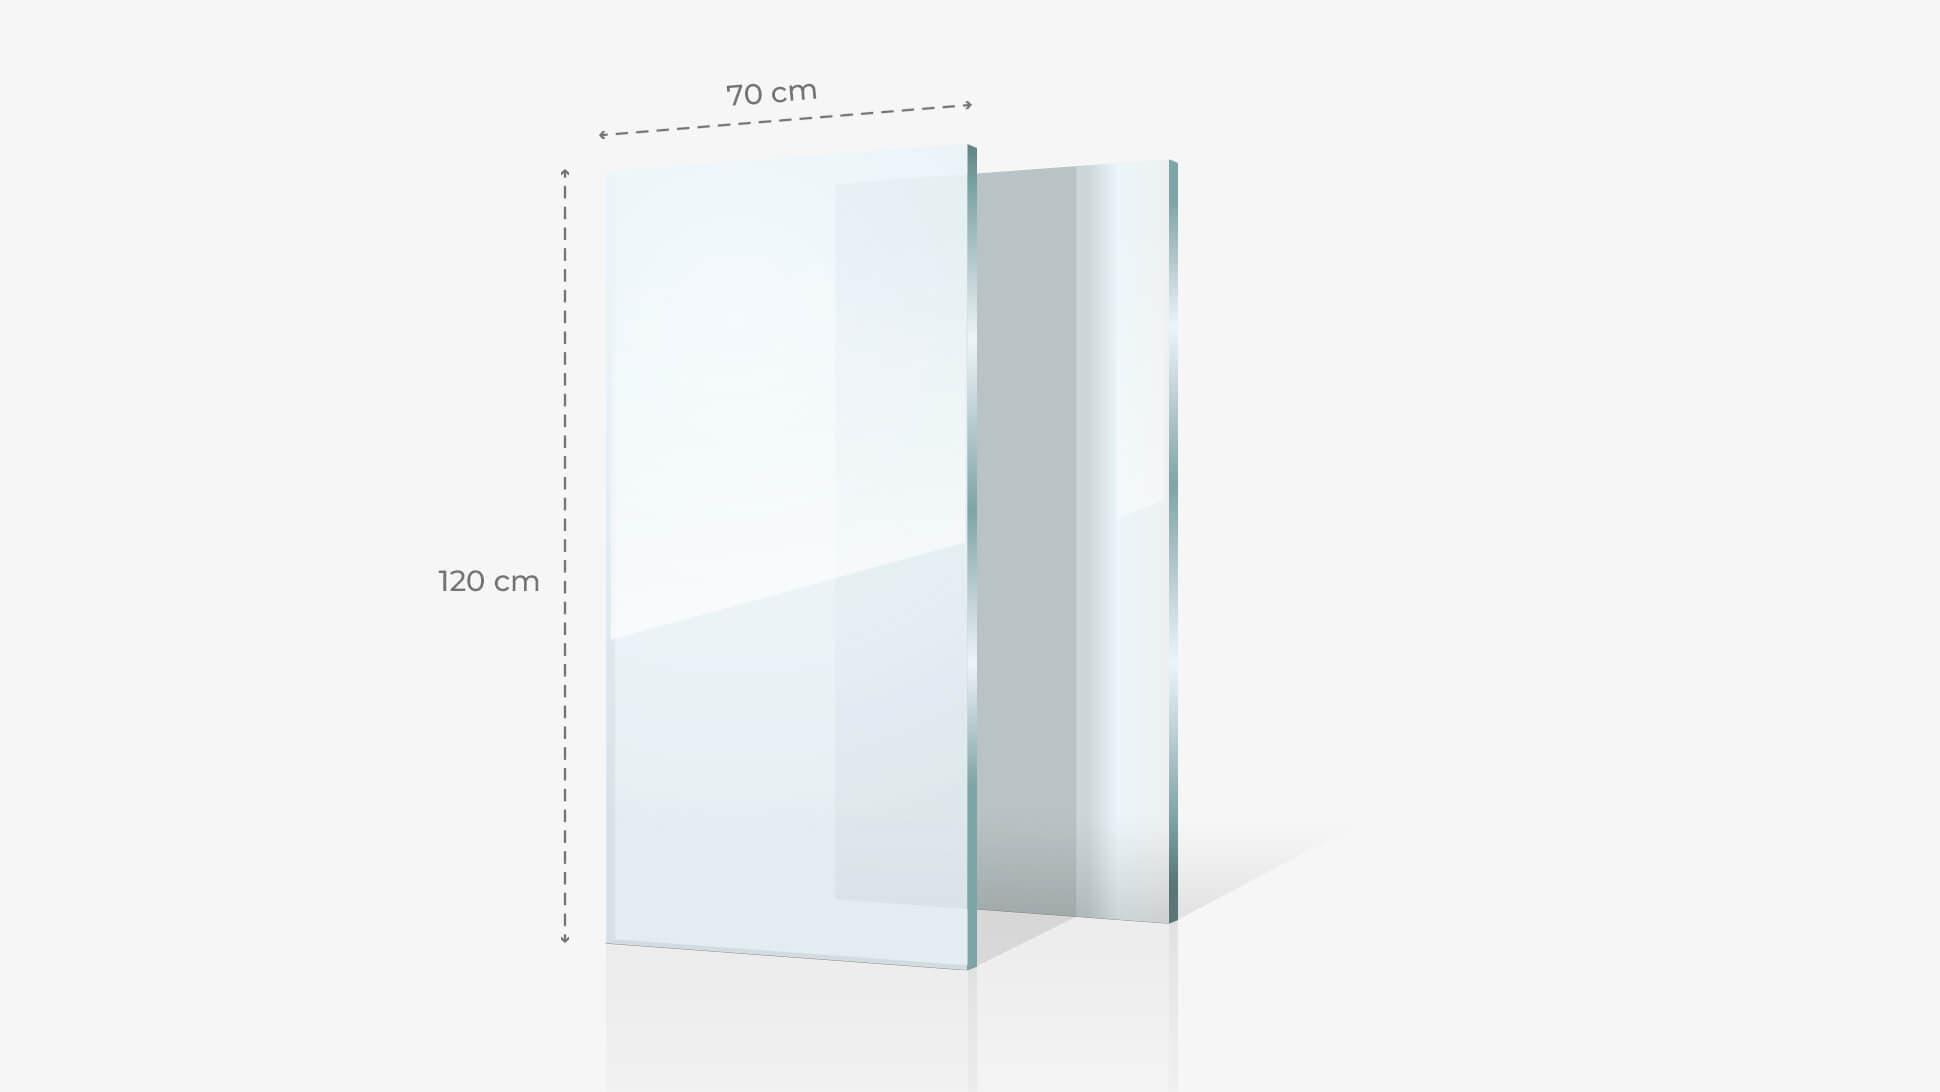 Foto su vetro acrilico 70x120 cm | tictac.it